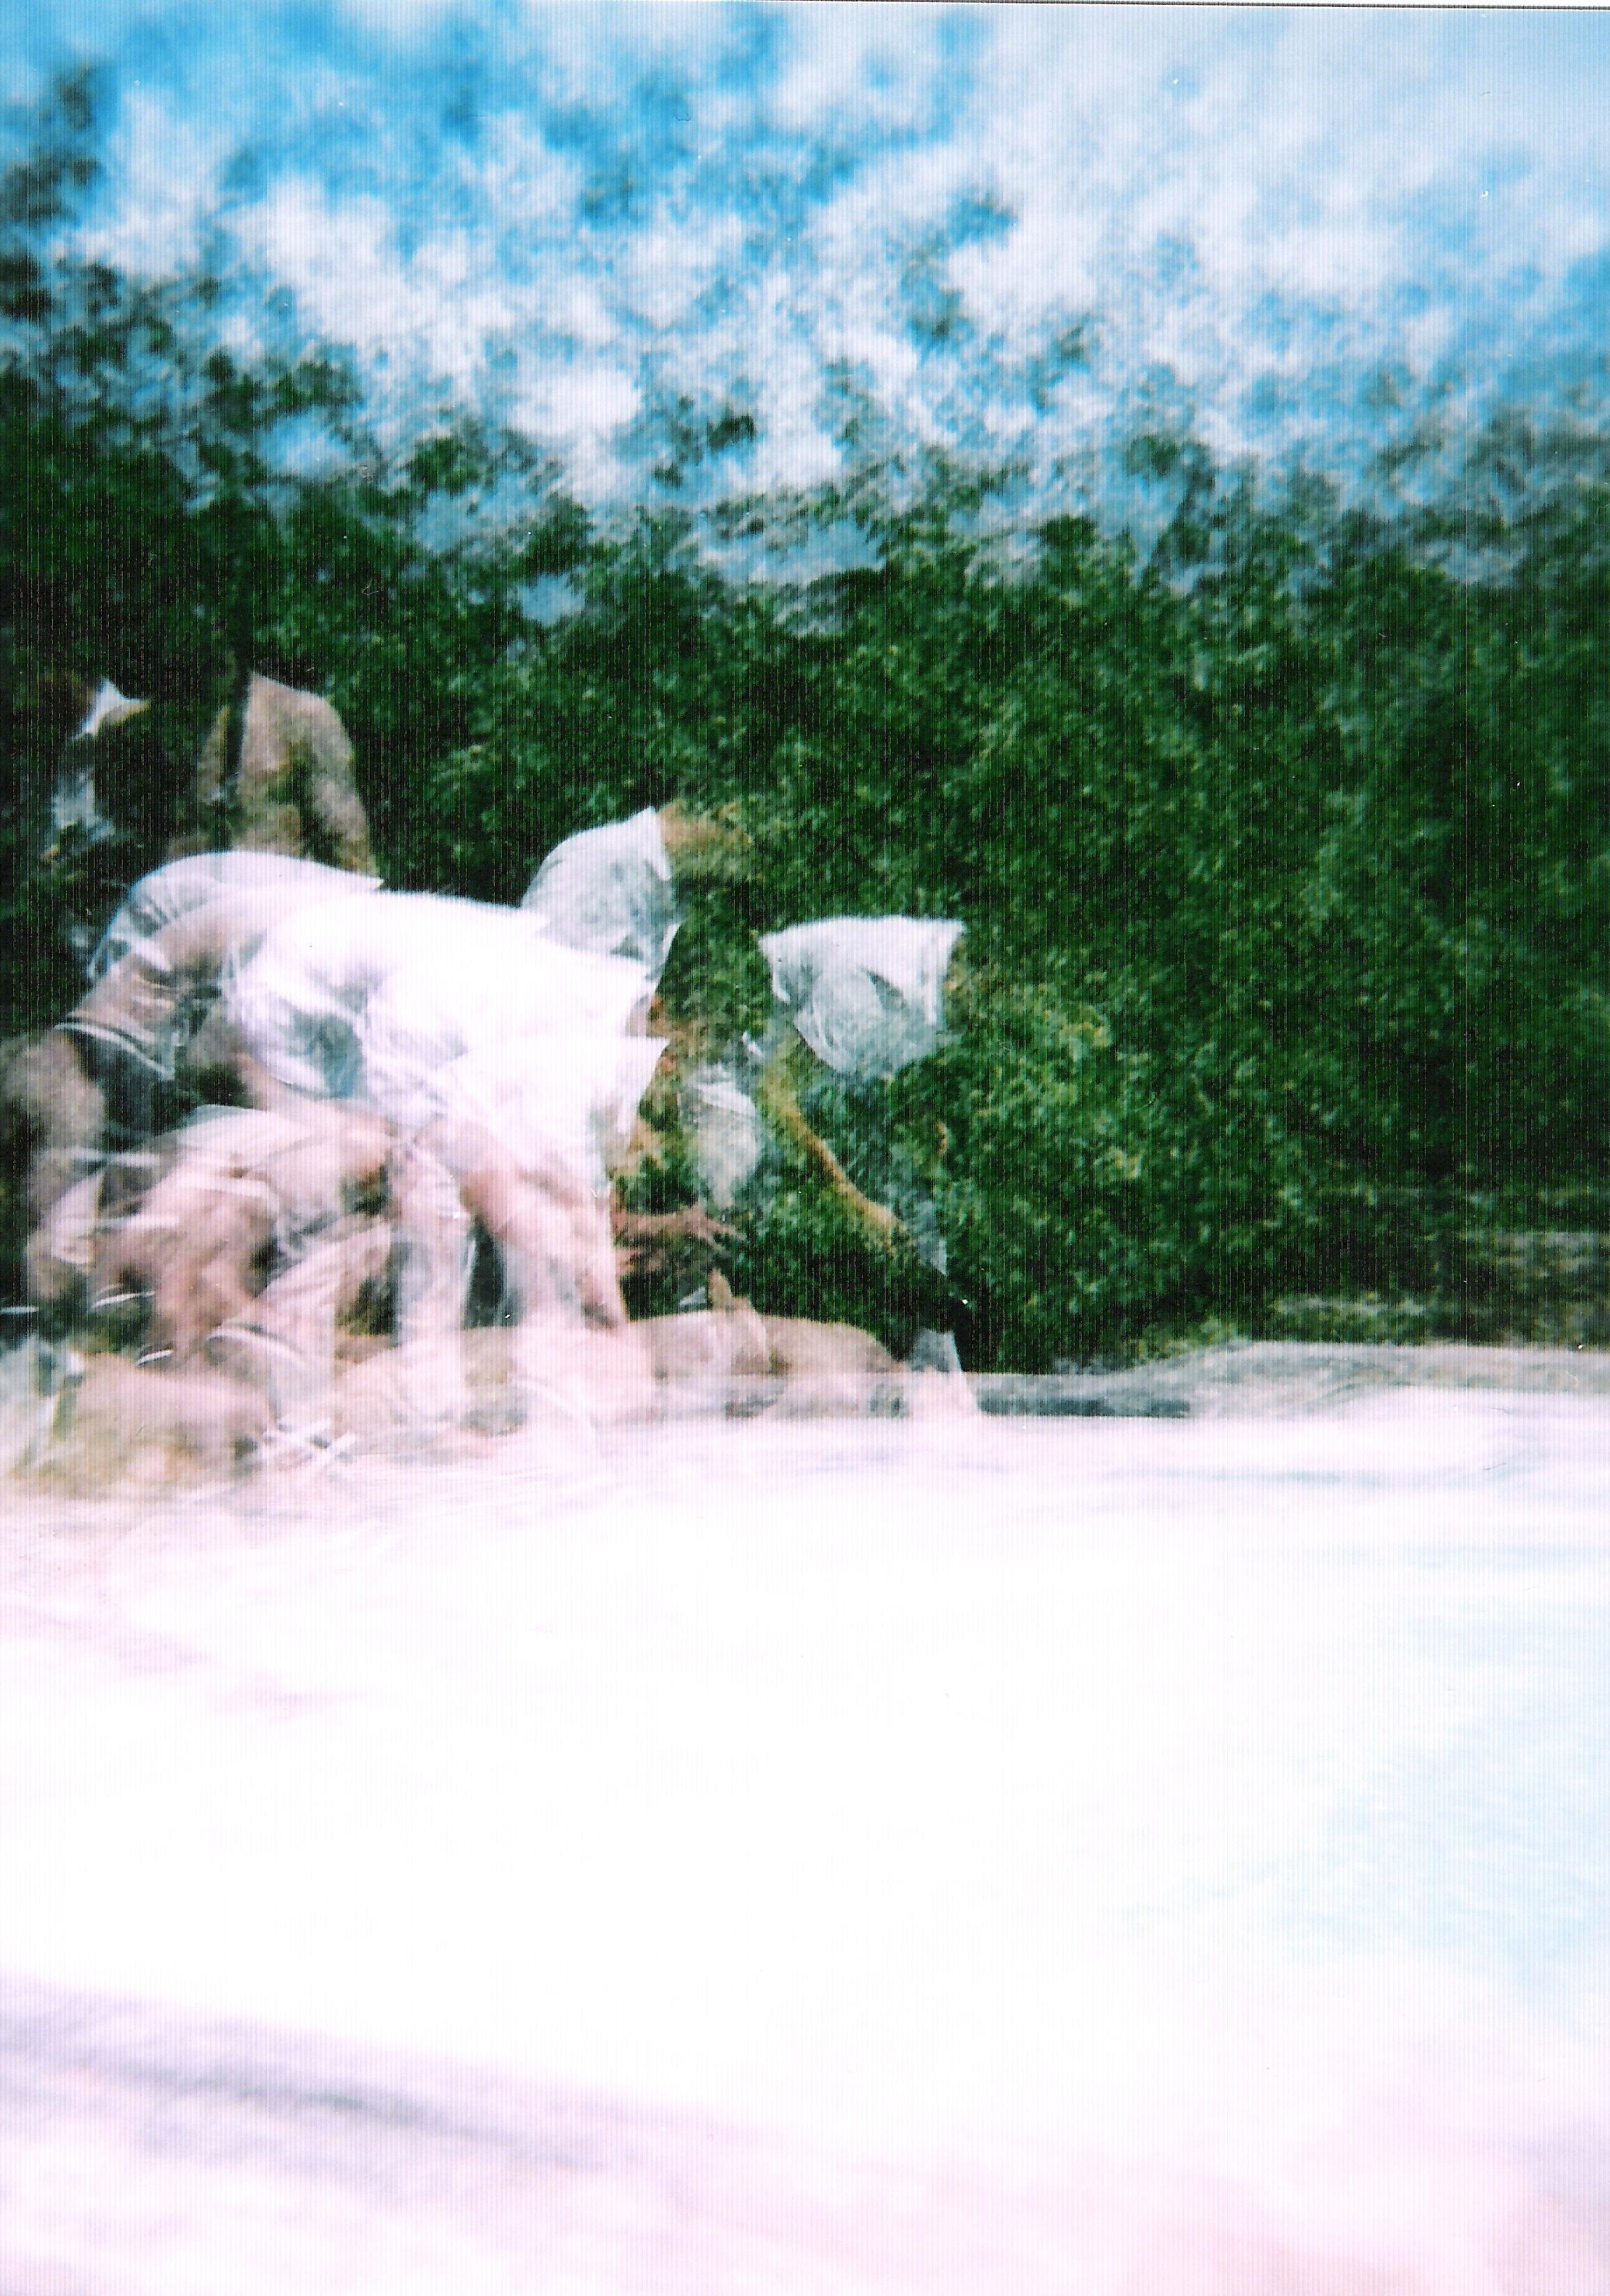 au-bord-de-la-piscine-6